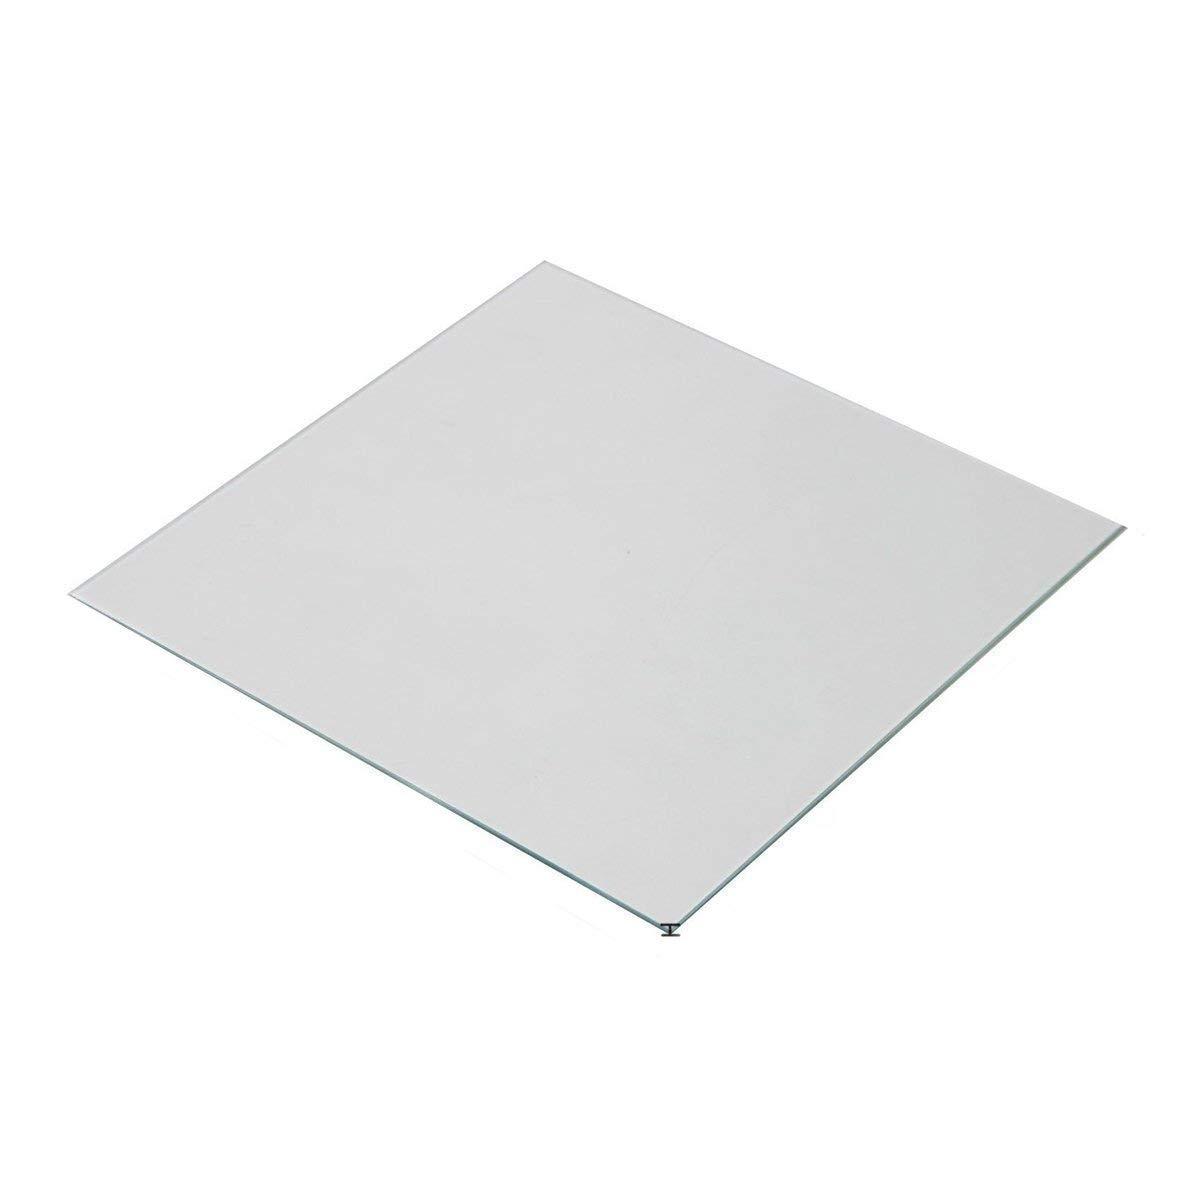 Imprimantes 3D Plateforme en verre borosilicate /épaisse de 140mm 3mm pour imprimantes 3D Afinia et UP Wisamic Lit chauffant en verre borosilicate